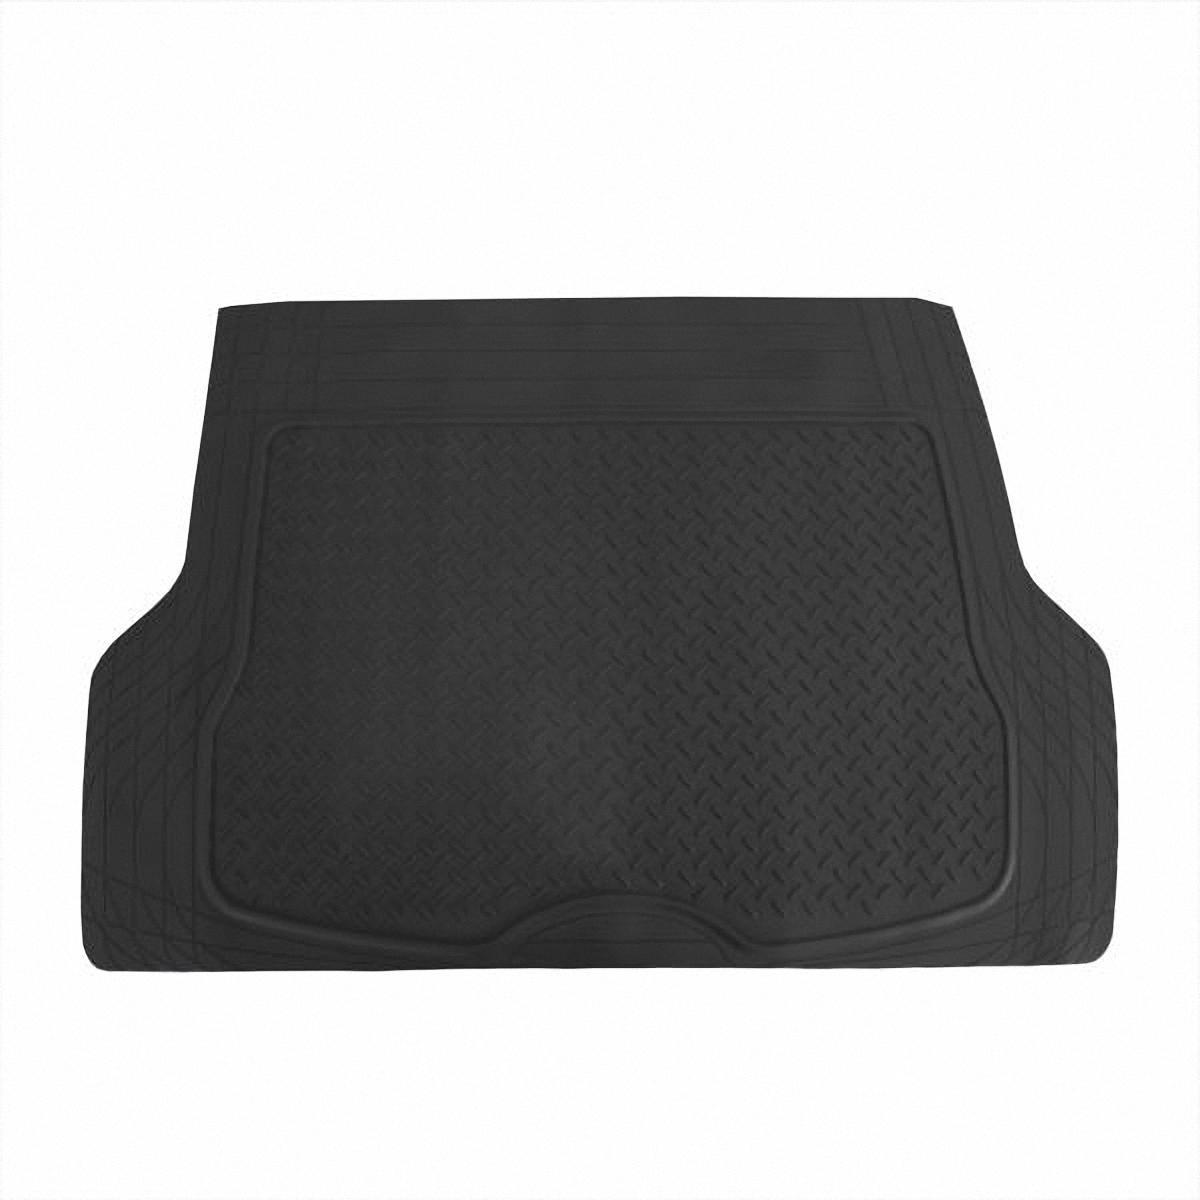 Коврик в салон автомобиля Skyway, в багажник, цвет: черный, 80 х 126,5 смS04701004Коврик сохраняет эластичность даже при экстремально низких и высоких температурах (от -50°С до +50°С). Обладает повышенной устойчивостью к износу и агрессивным средам, таким как антигололёдные реагенты, масло и топливо. Усовершенствованная конструкция изделия обеспечивает плотное прилегание и надёжную фиксацию коврика на полу автомобиля.Размер: 80 х 126,5 см.